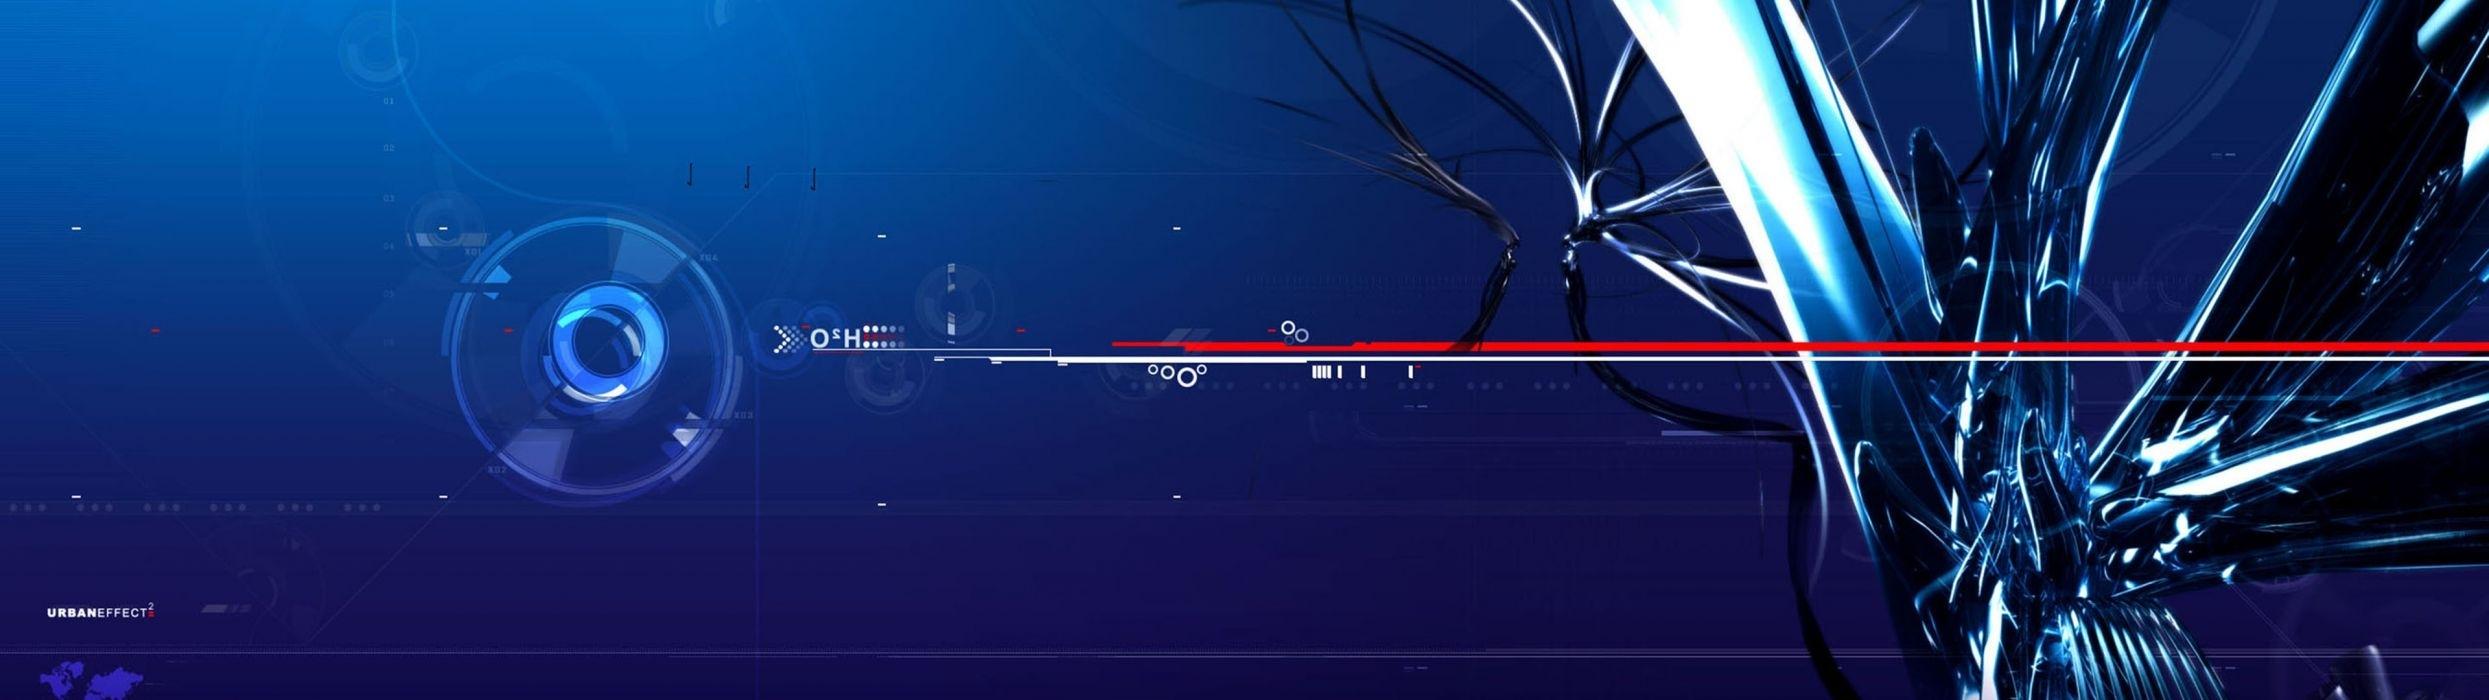 abstract dual screen wallpaper | 3840x1080 | 65457 | wallpaperup